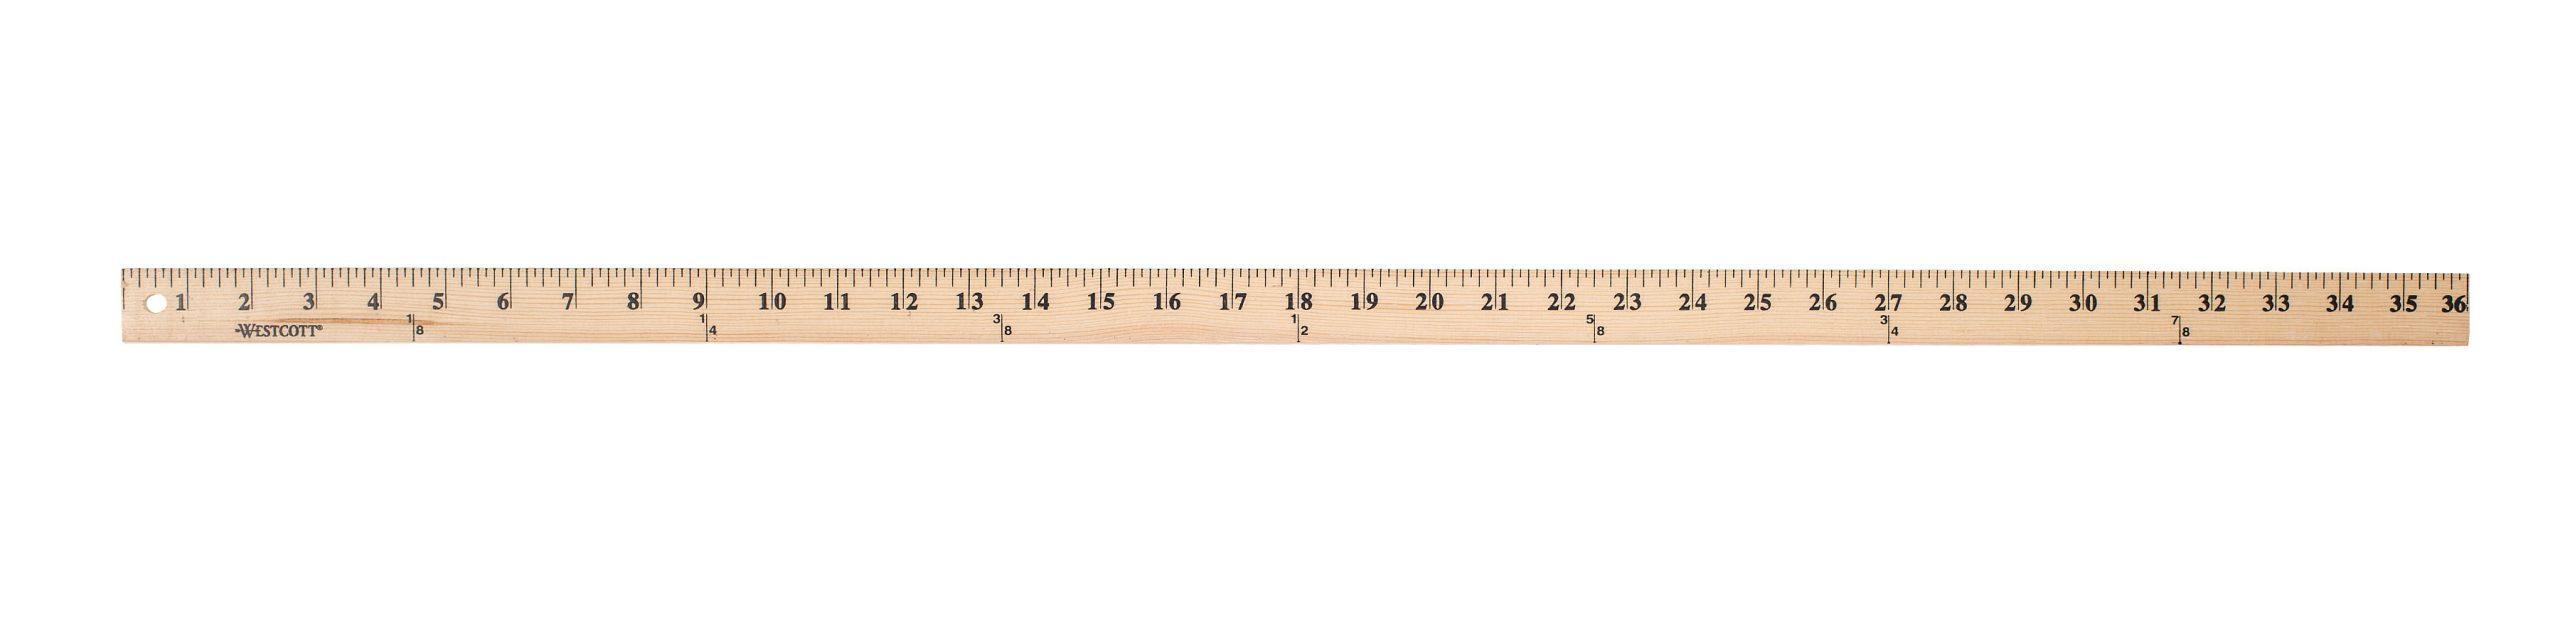 Clipart Ruler Yardstick, Clipart Ruler Yardstick Transparent